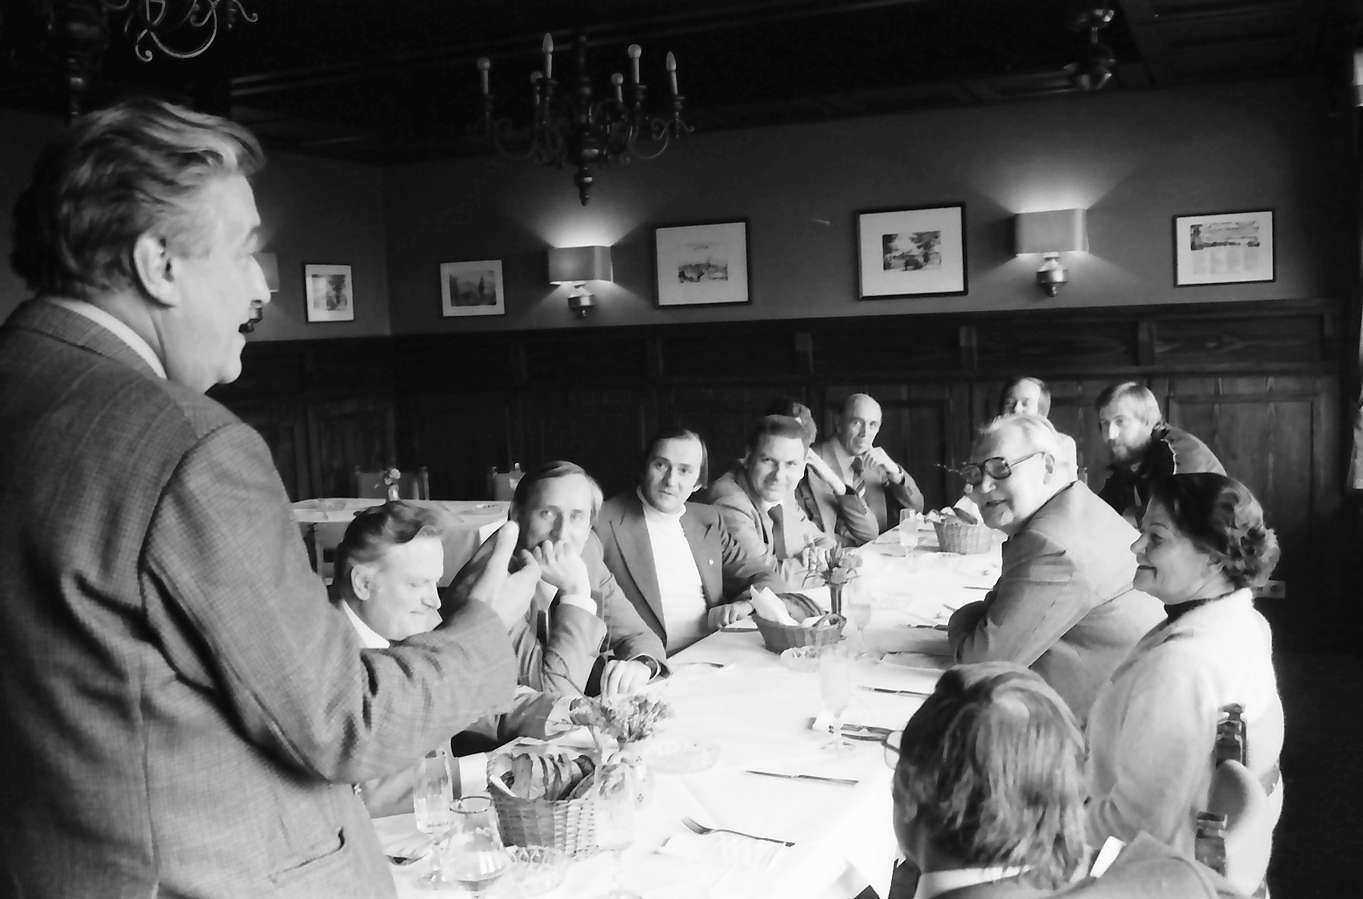 Durlach, Turmbergrestaurant; Verabsschiedungsfeier von Bundesbahnpräsident Schwaner, Bild 1